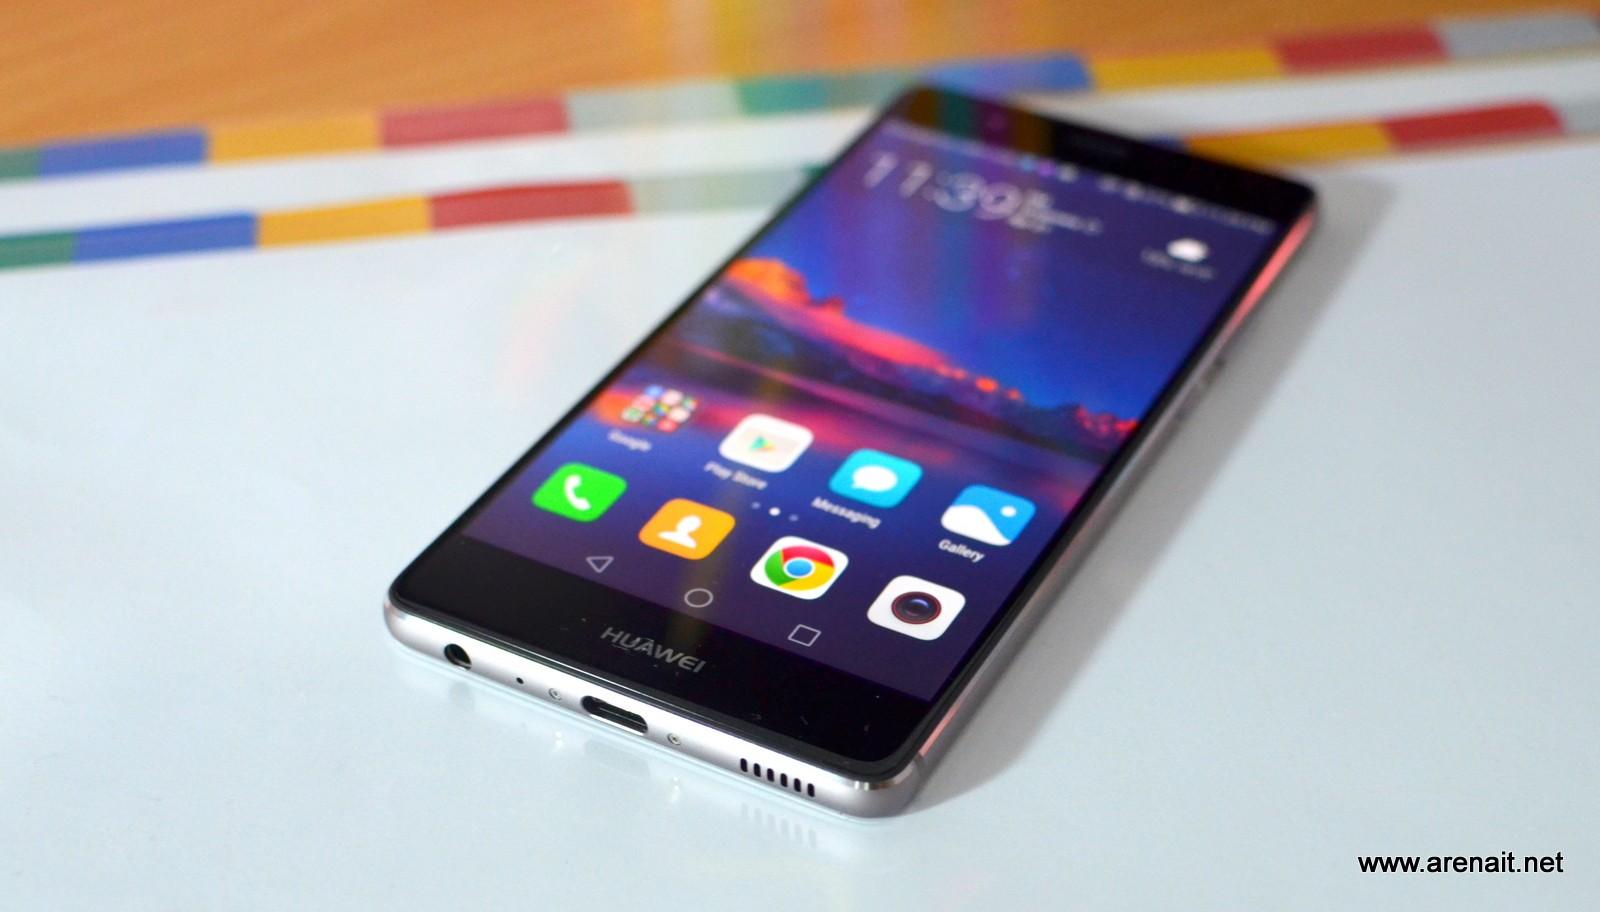 Huawei P9: lansare in Romania, primele impresii, pret, intrebari pentru teste?